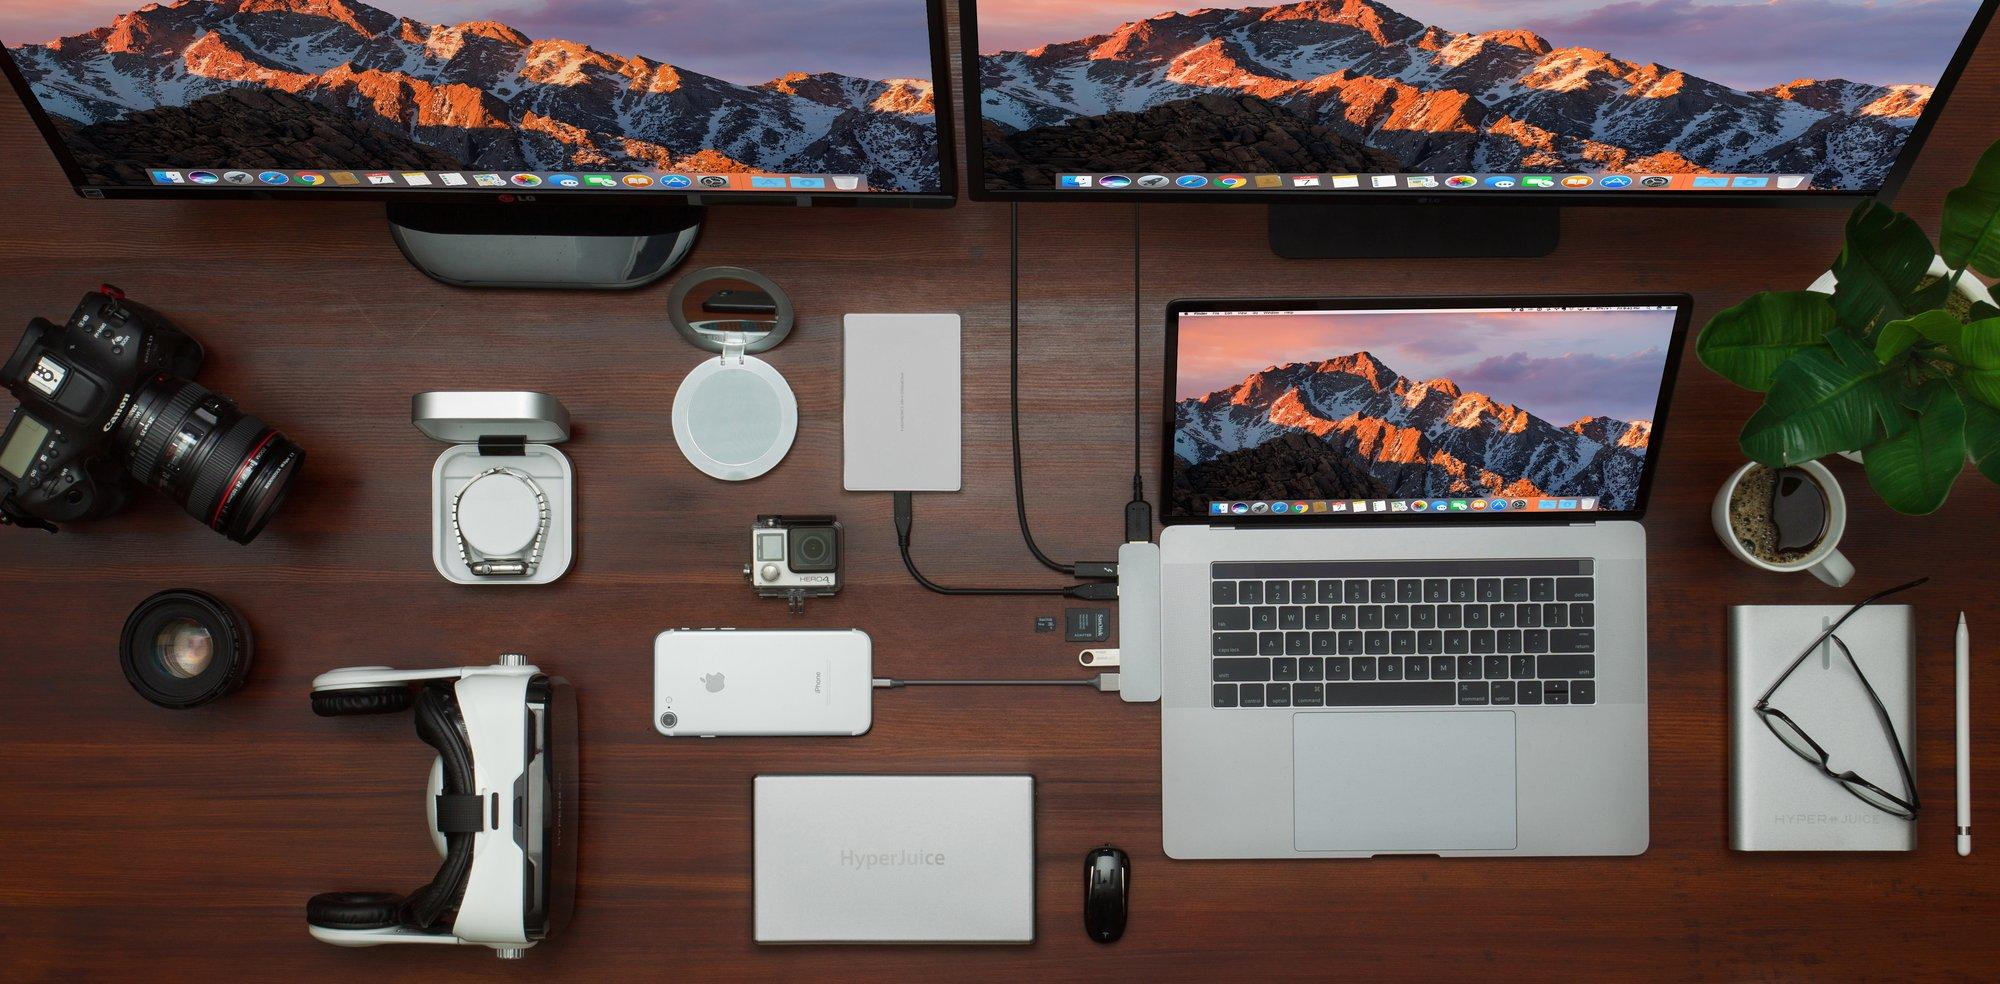 Bộ chia HyperDrive Thunderbolt 3 USB-C Hub bao gồm các khe cắm 1 cổng Thunderbolt 3, 1 cổng USB-C , 1 SC card , 1 micro SD card , và 2 USB 3.1 gen 1 HyperDrive – Review sản phẩm